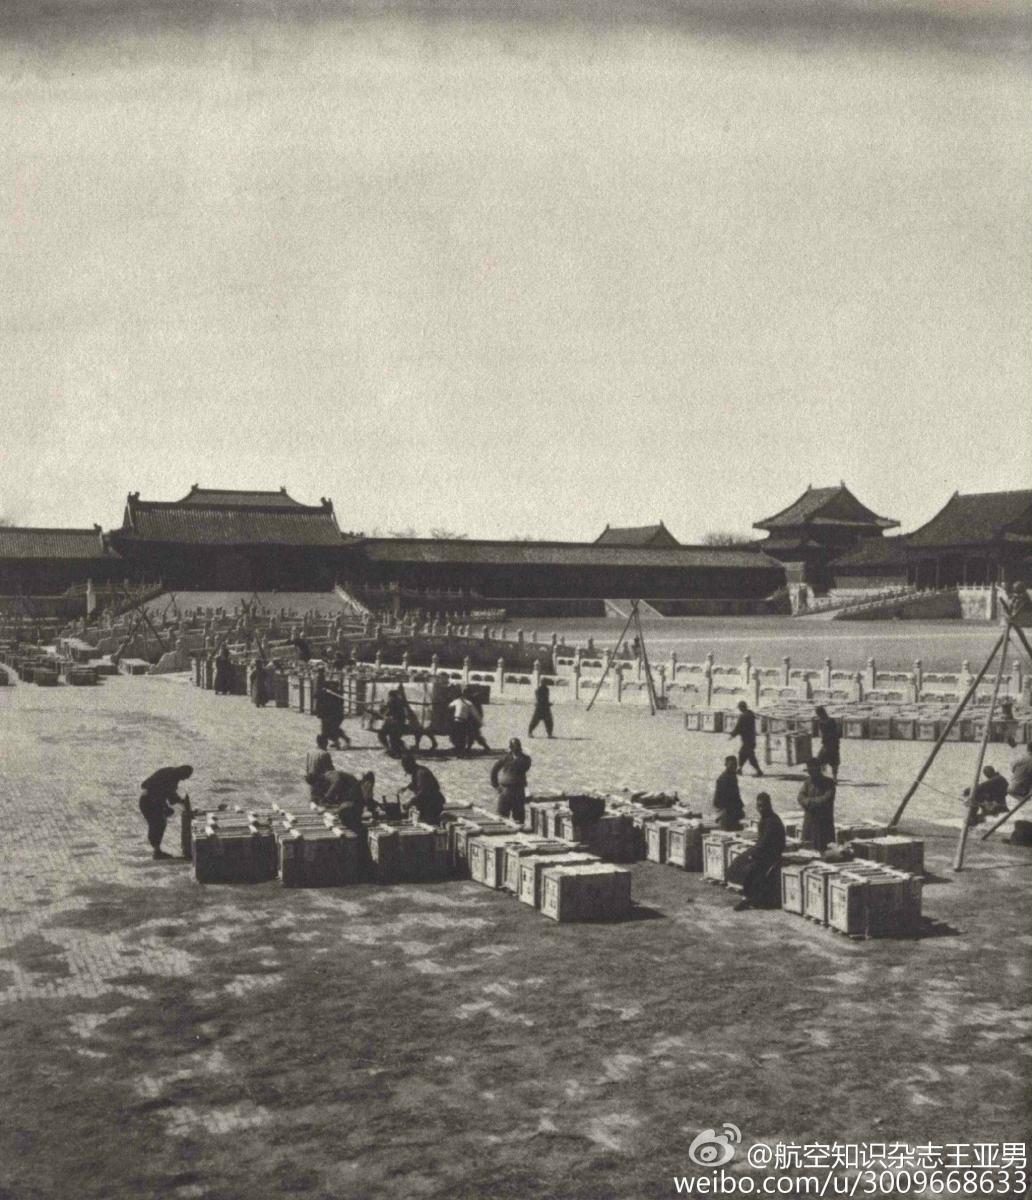 从大陆到台湾,故宫文物的七次迁移(2)_图1-2